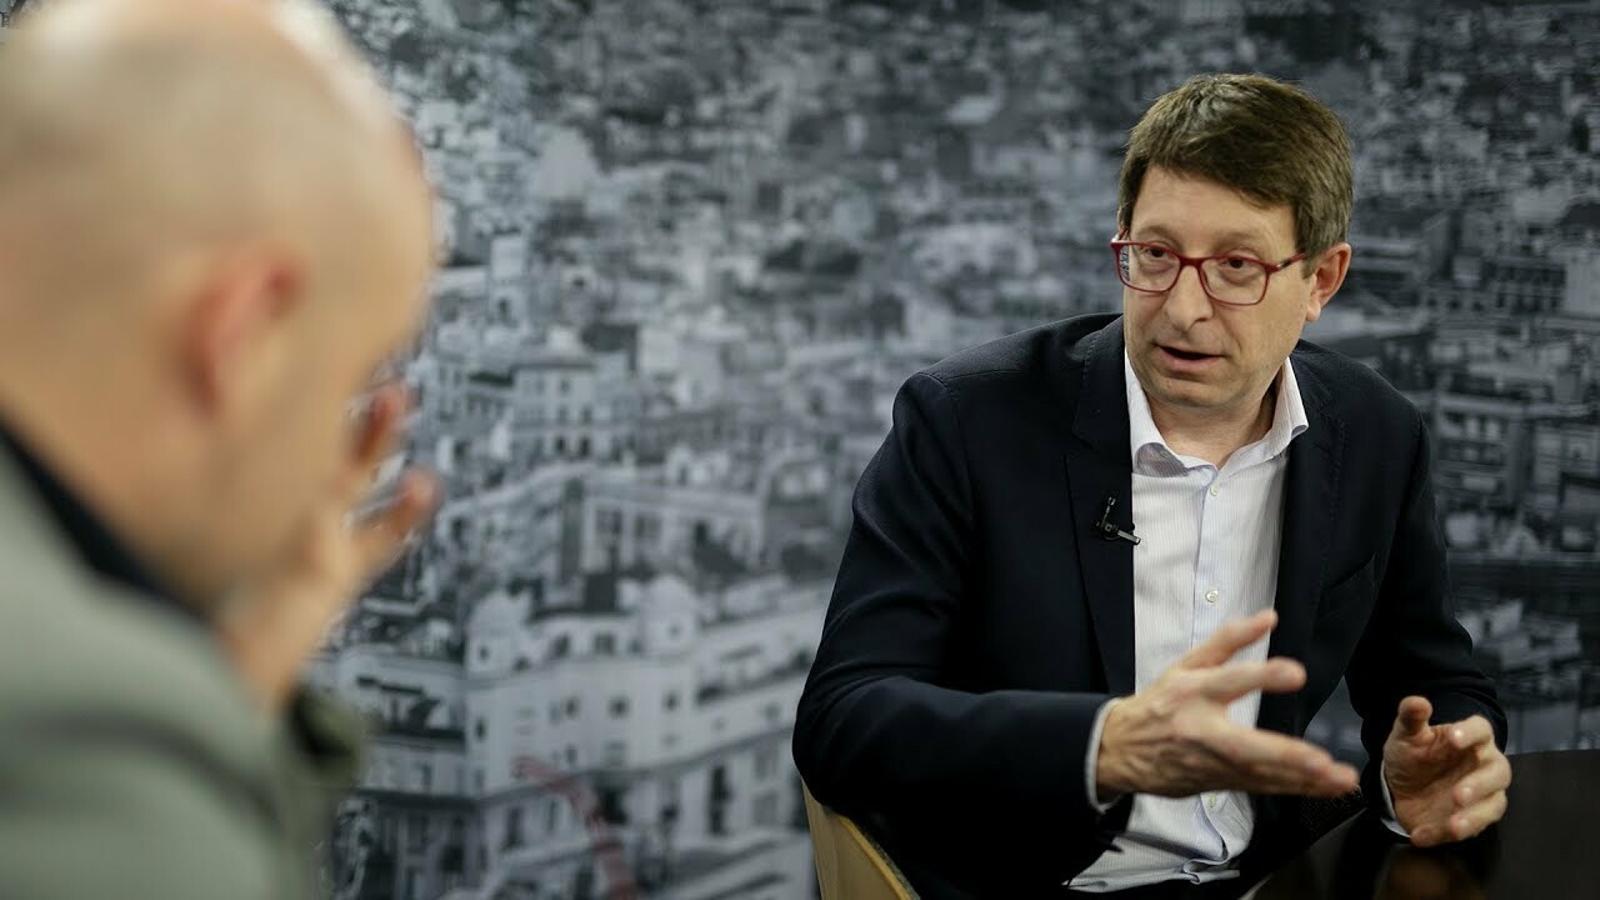 Entrevista de David Miró a Carles Mundó